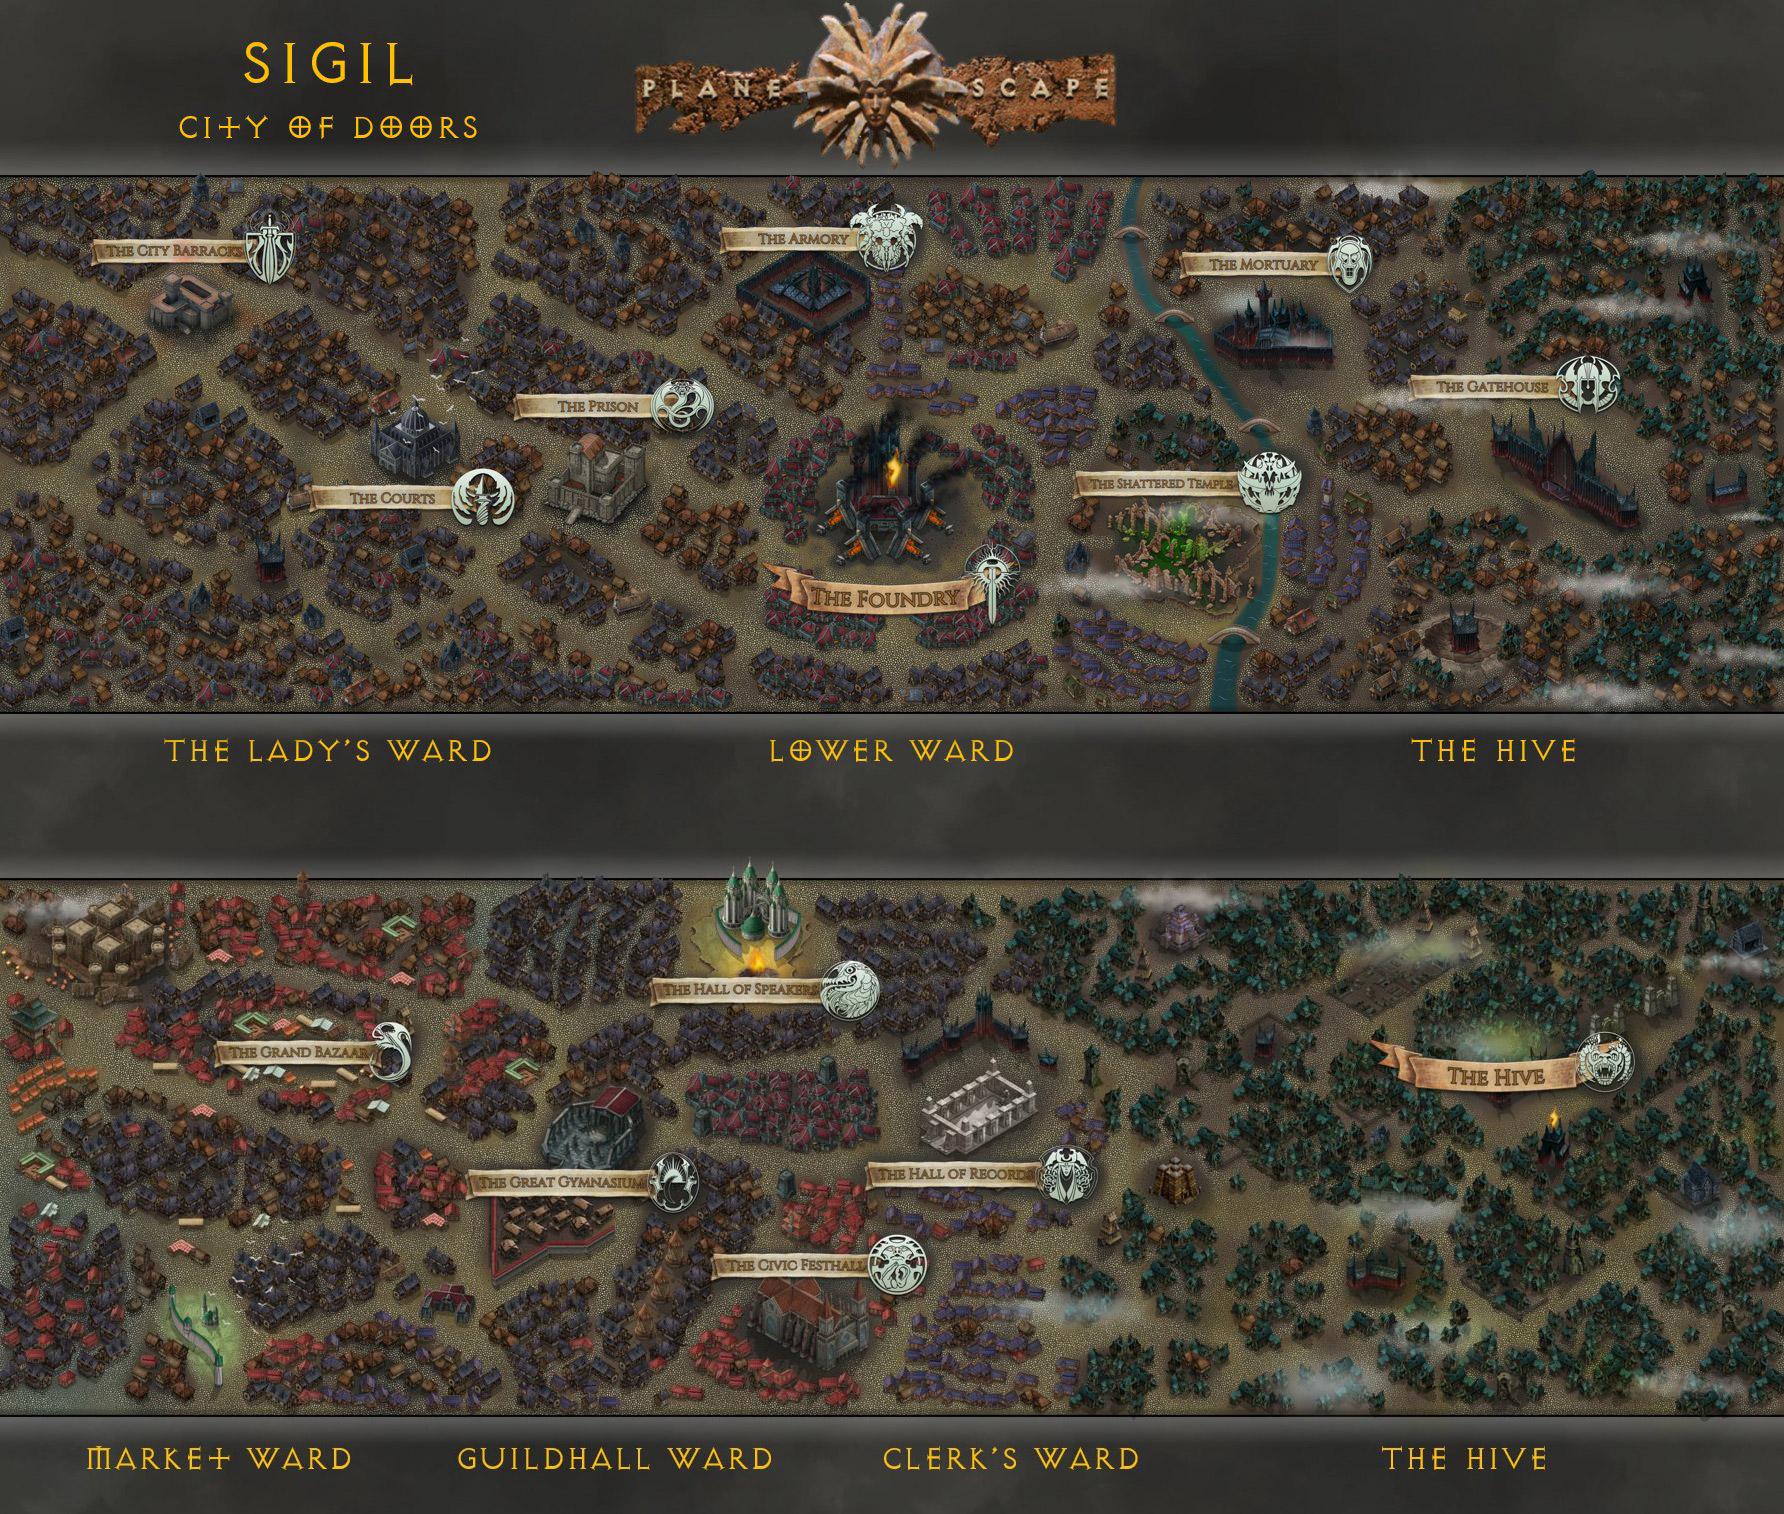 sigil inkarnate map Mappa di Sigil (realizzata in parte con l'ausilio di Inkarnate) - by Alan Traylor (@TraylorAlan) www.twitter.com/TraylorAlan (2021-06) © dell'autore, tutti i diritti riservati